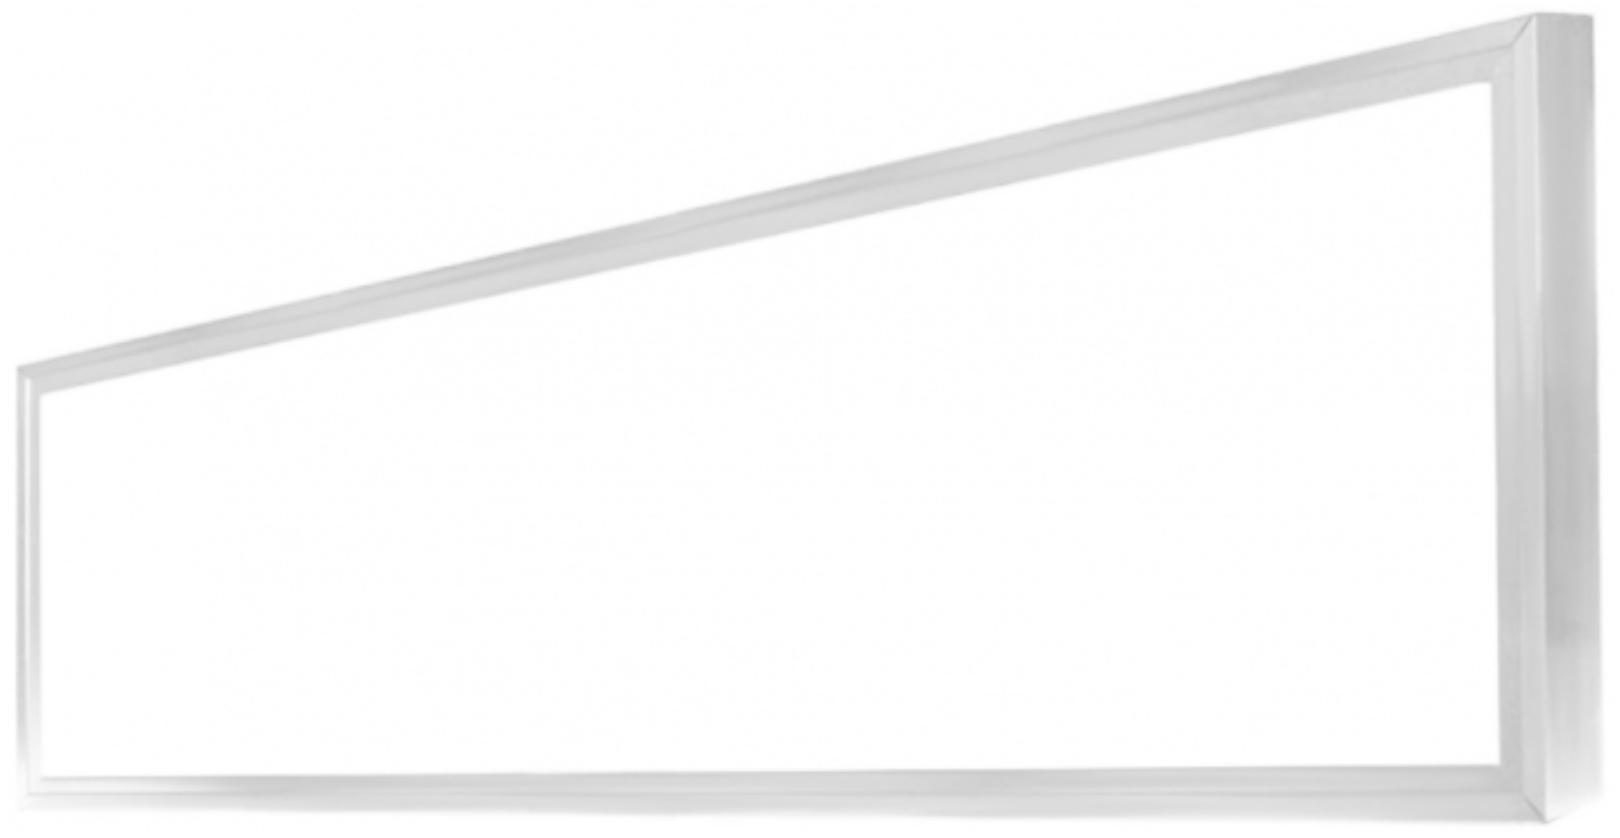 Weisser LED Panel mit Rahmen 300 x 1200mm 48W Kaltweiß